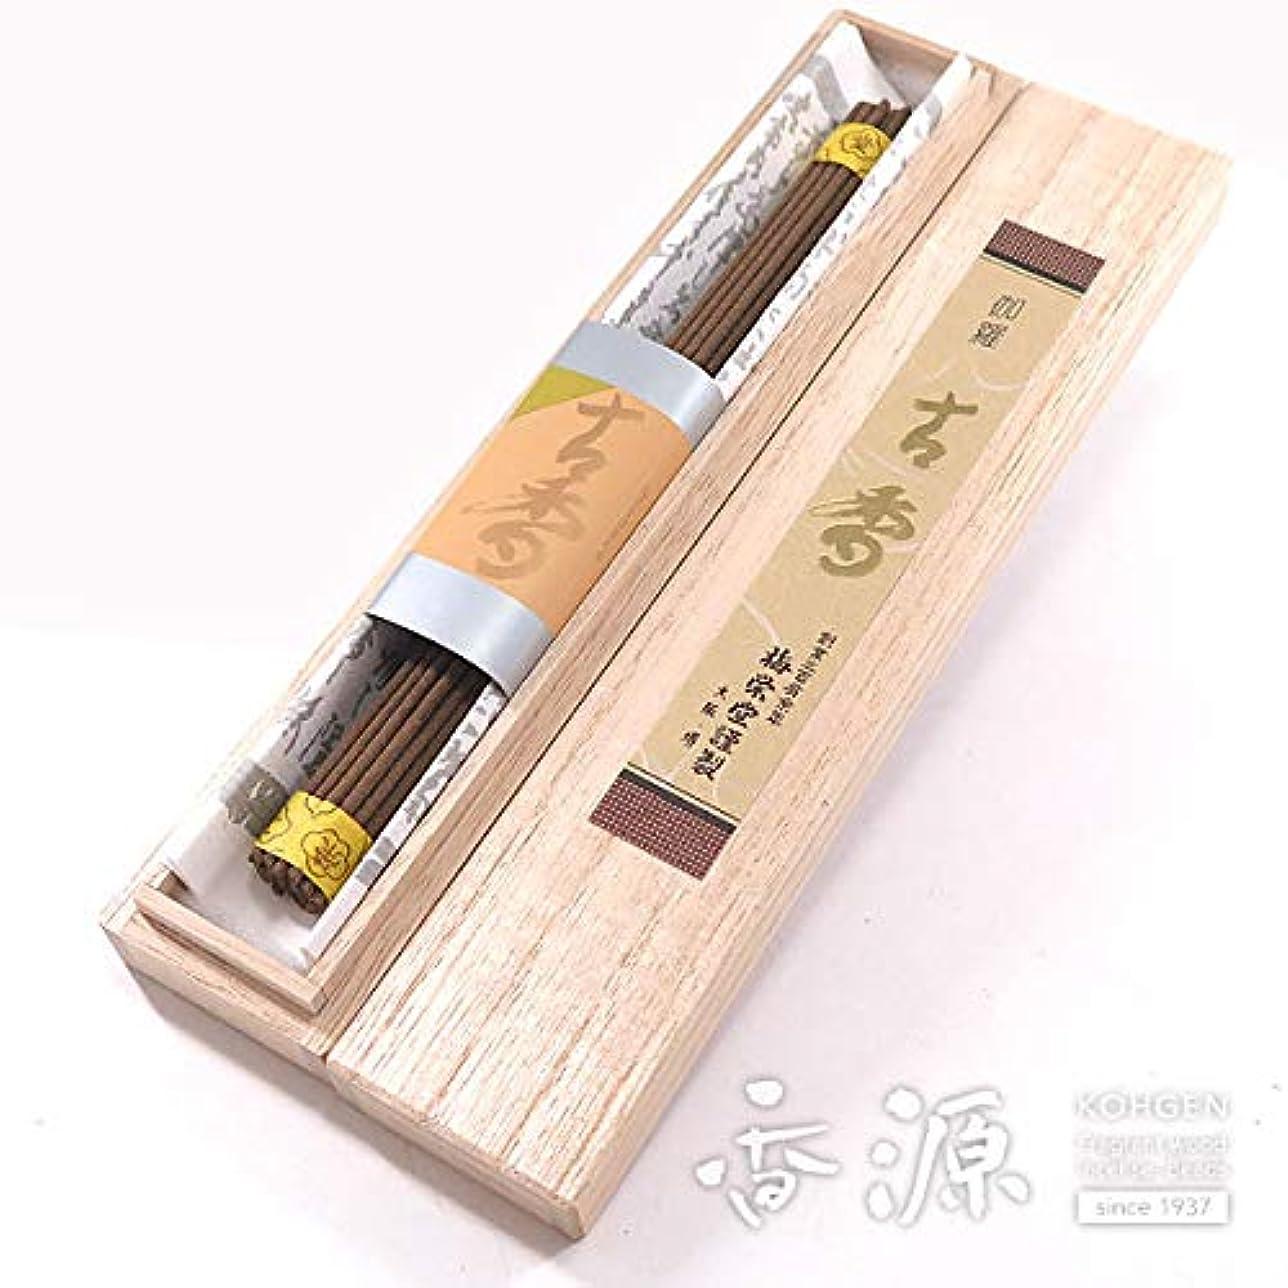 ページェント吸う申請者梅栄堂のお線香 伽羅古香一把入【送料無料】